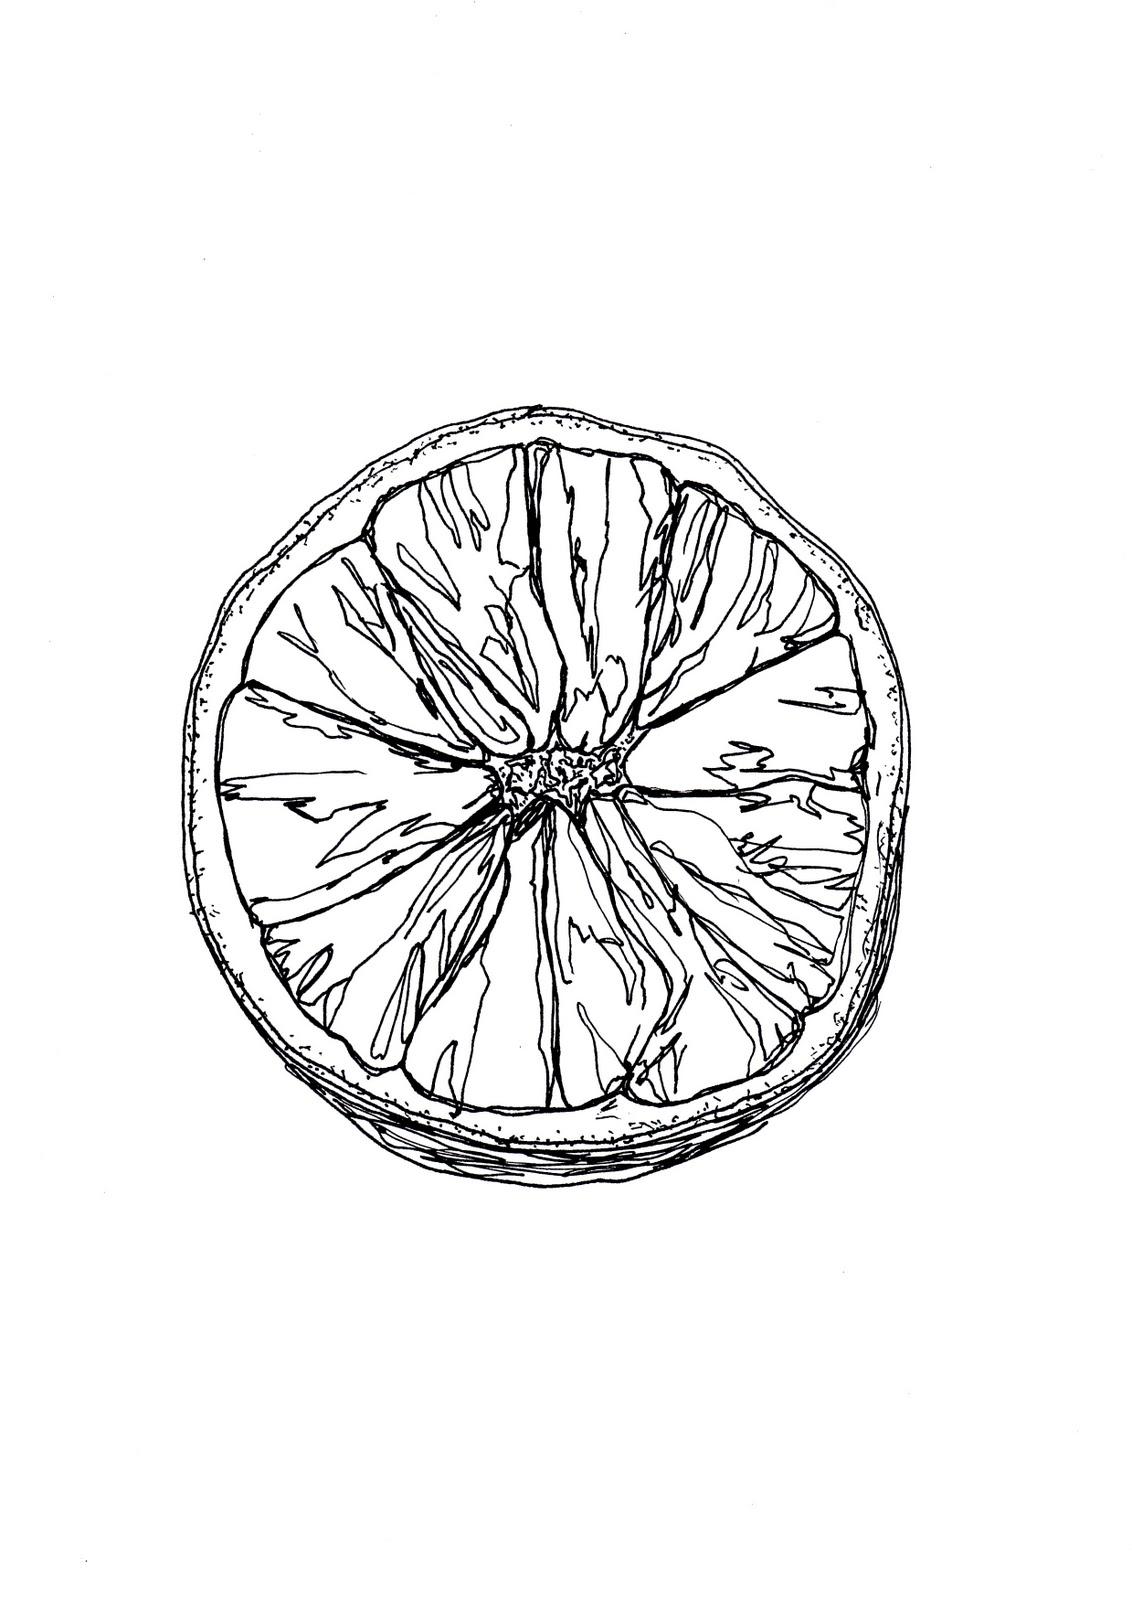 1132x1600 Detailed Observation Orange In Pen And Ink Pen, Ink, More